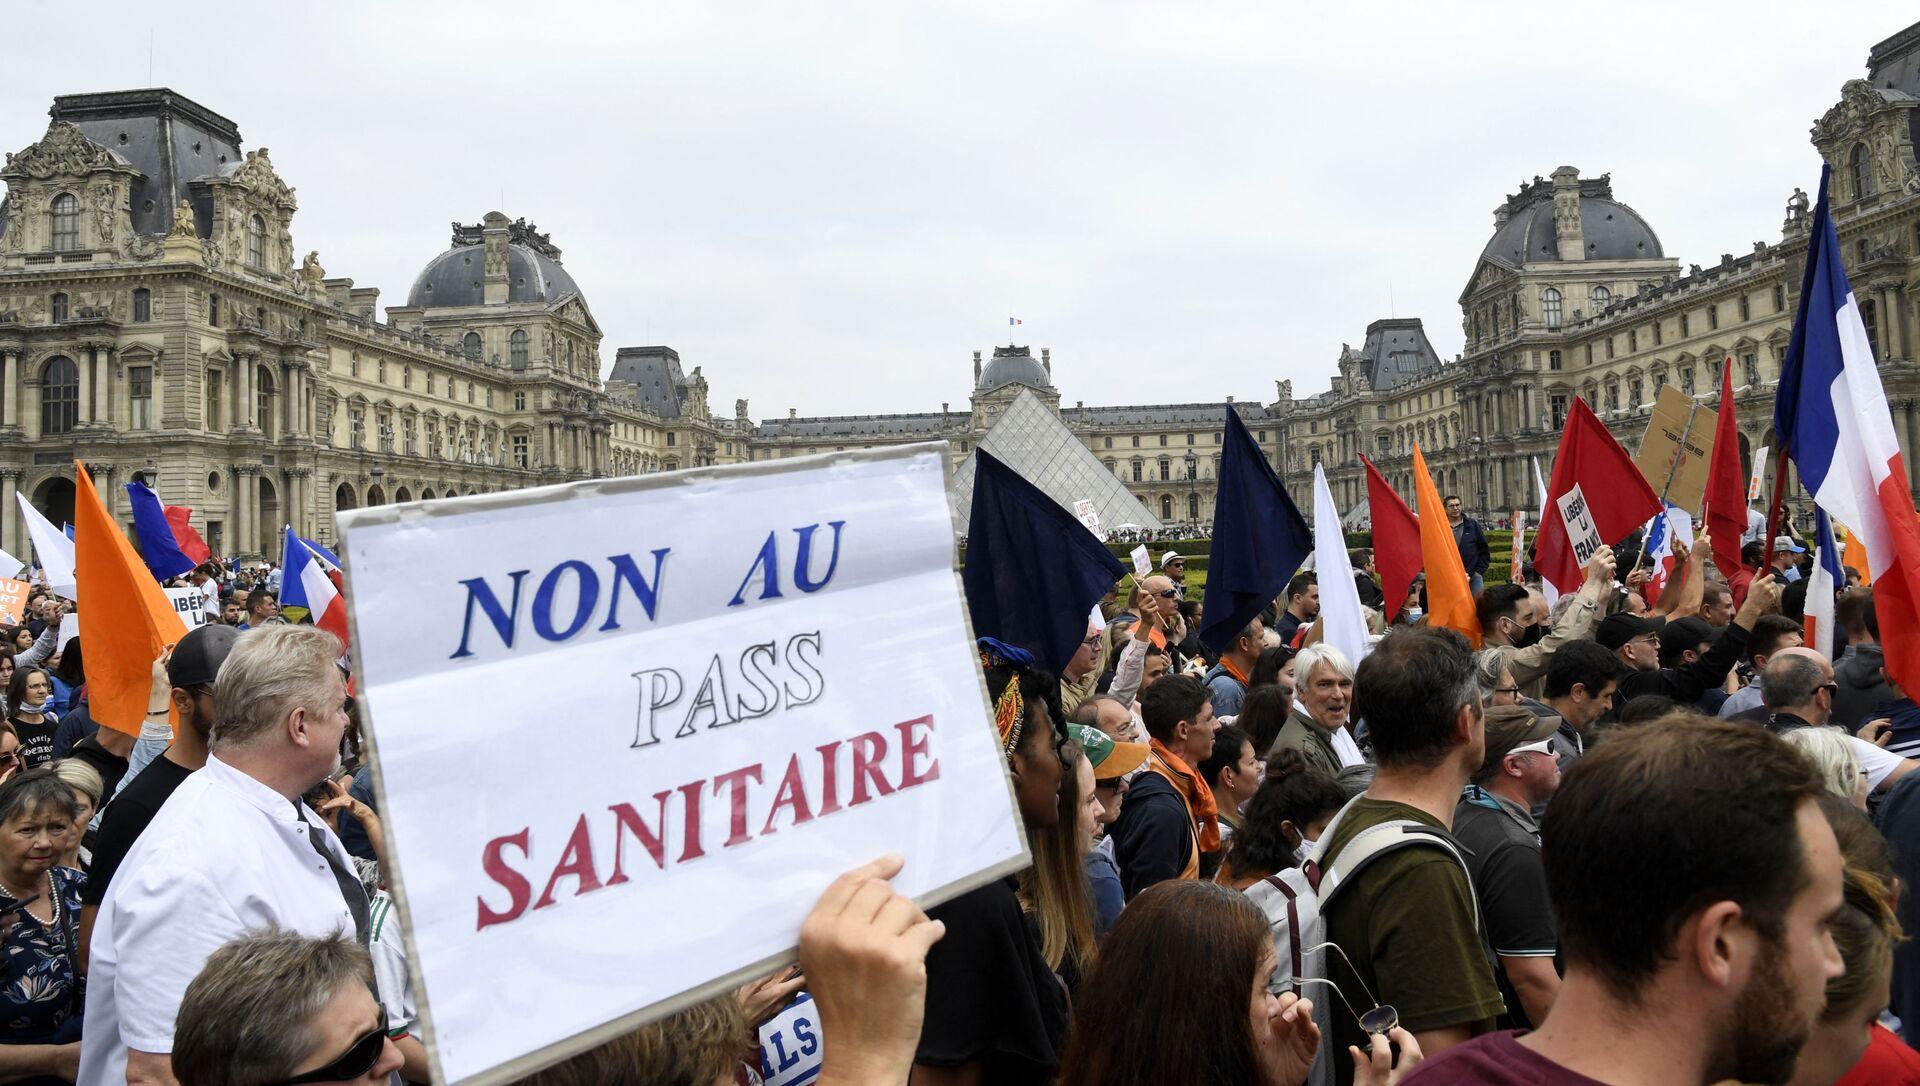 Une manifestation contre l'extension du pass sanitaire à Paris - Sputnik France, 1920, 19.07.2021